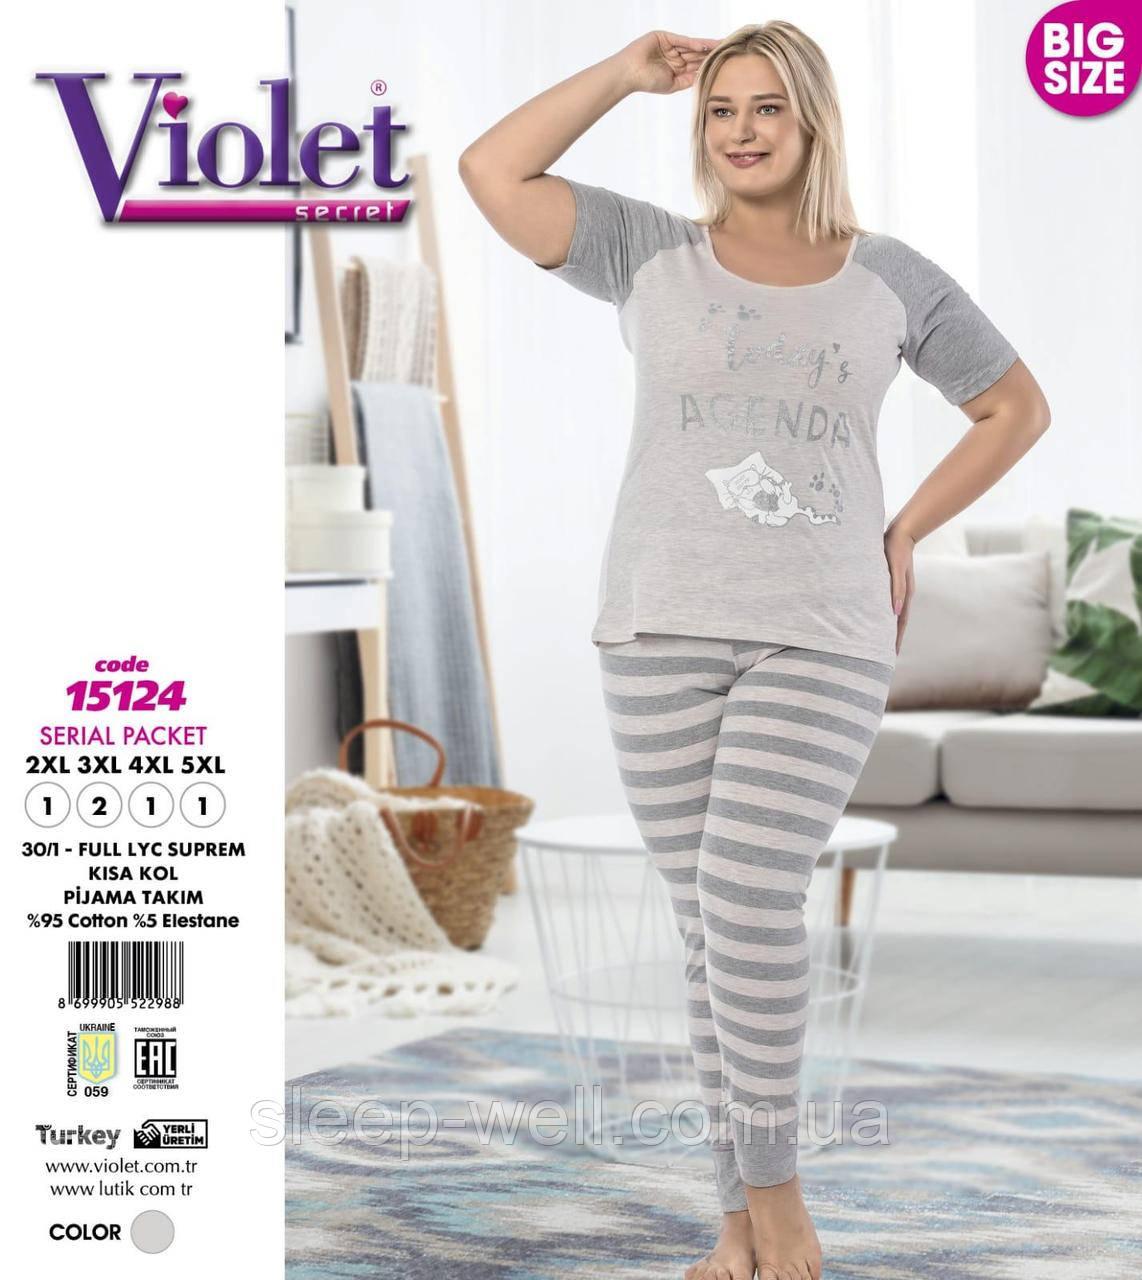 Піжама молодіжна великих розмірів,Violet 12124